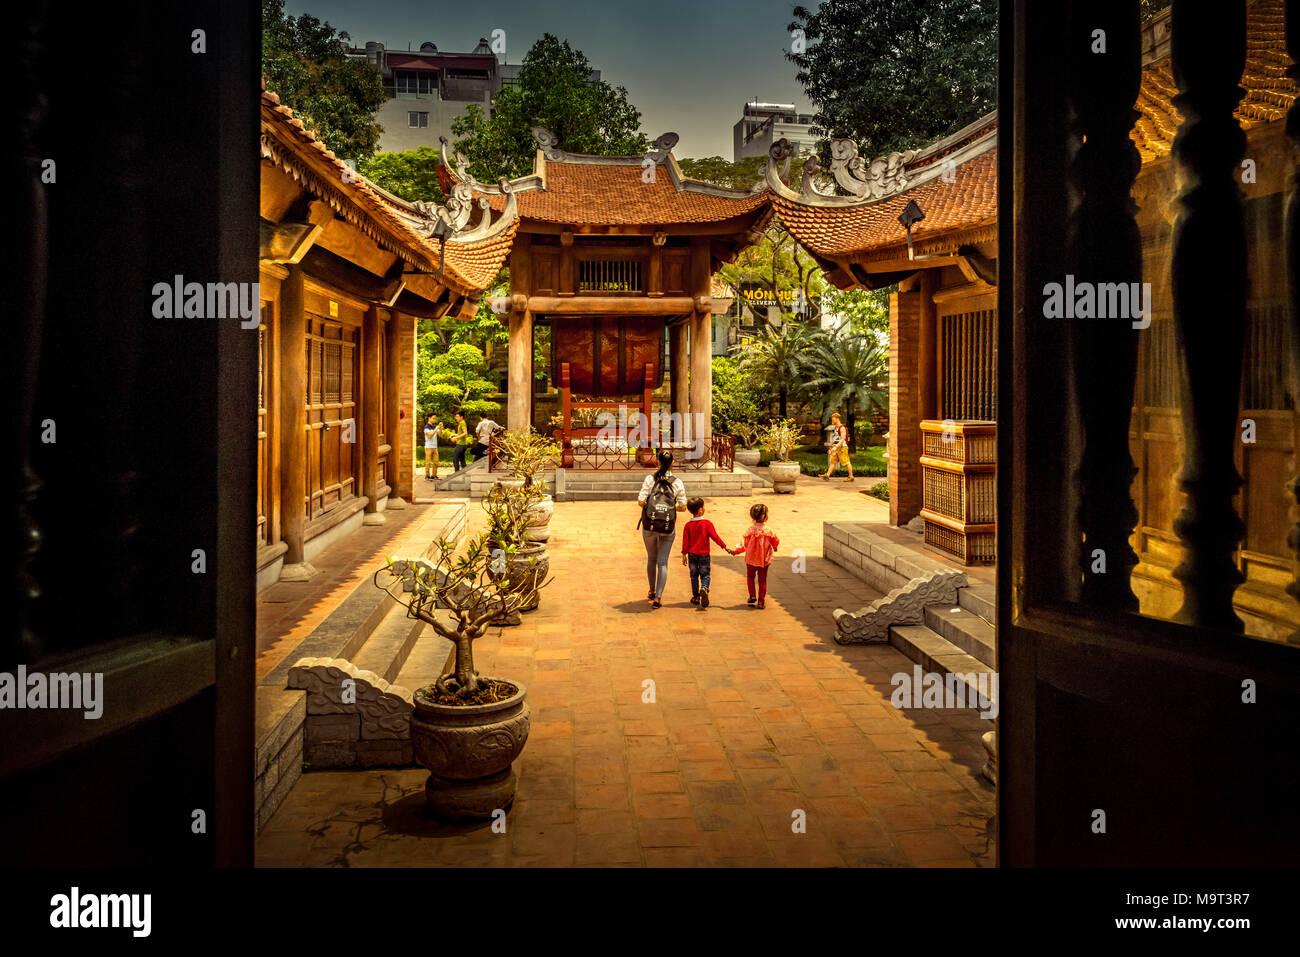 Asien, Vietnam, Hanoi Literatur, Tempel, Literaturtempel - Stock Image